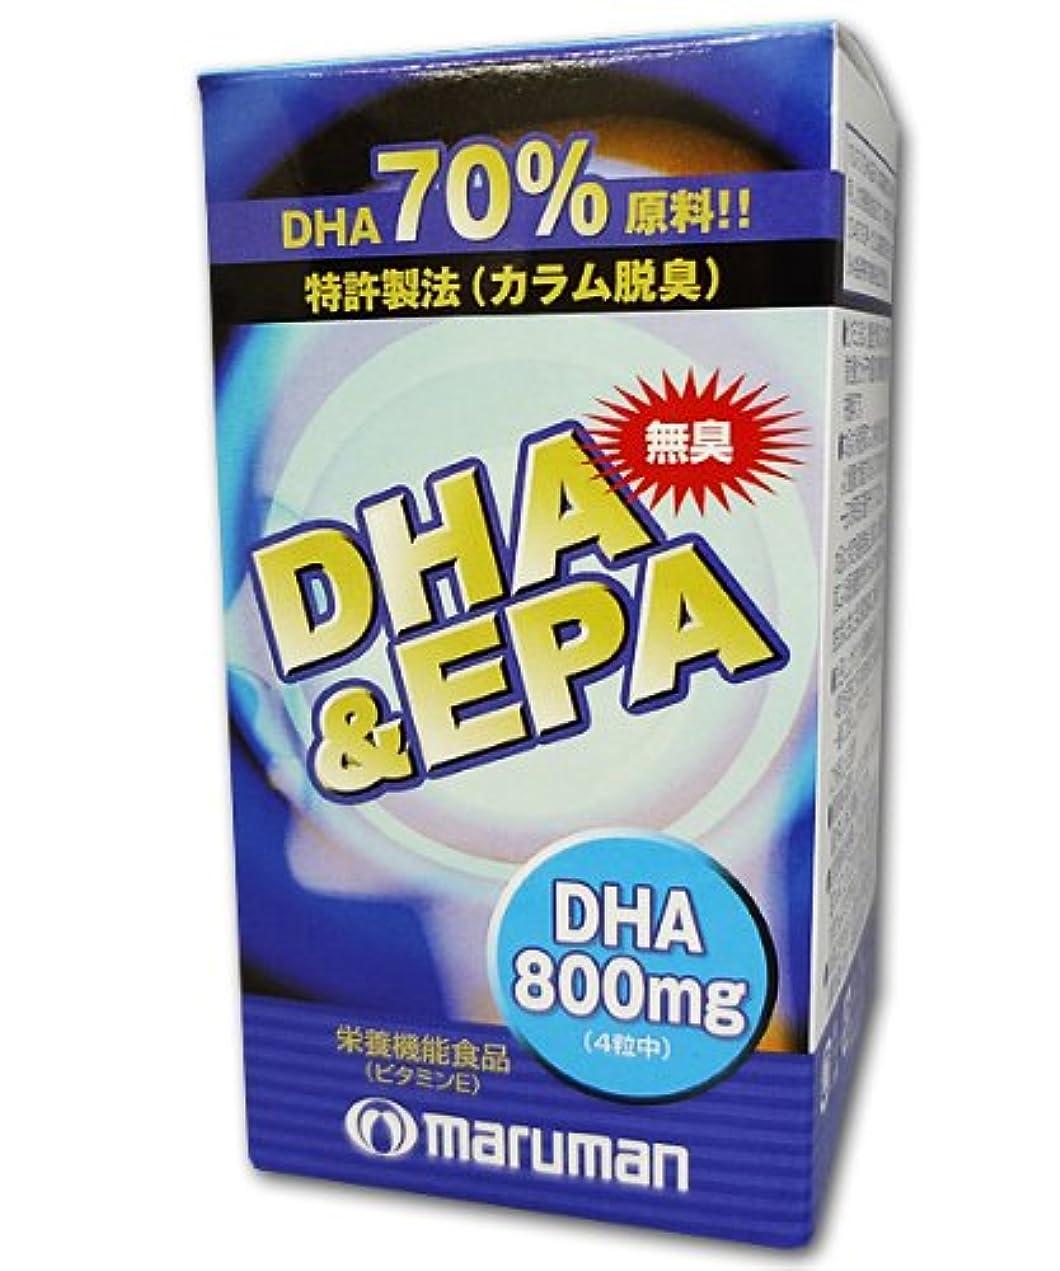 ぴかぴか使い込むパンマルマン 無臭DHA-EPA 540mg×120粒